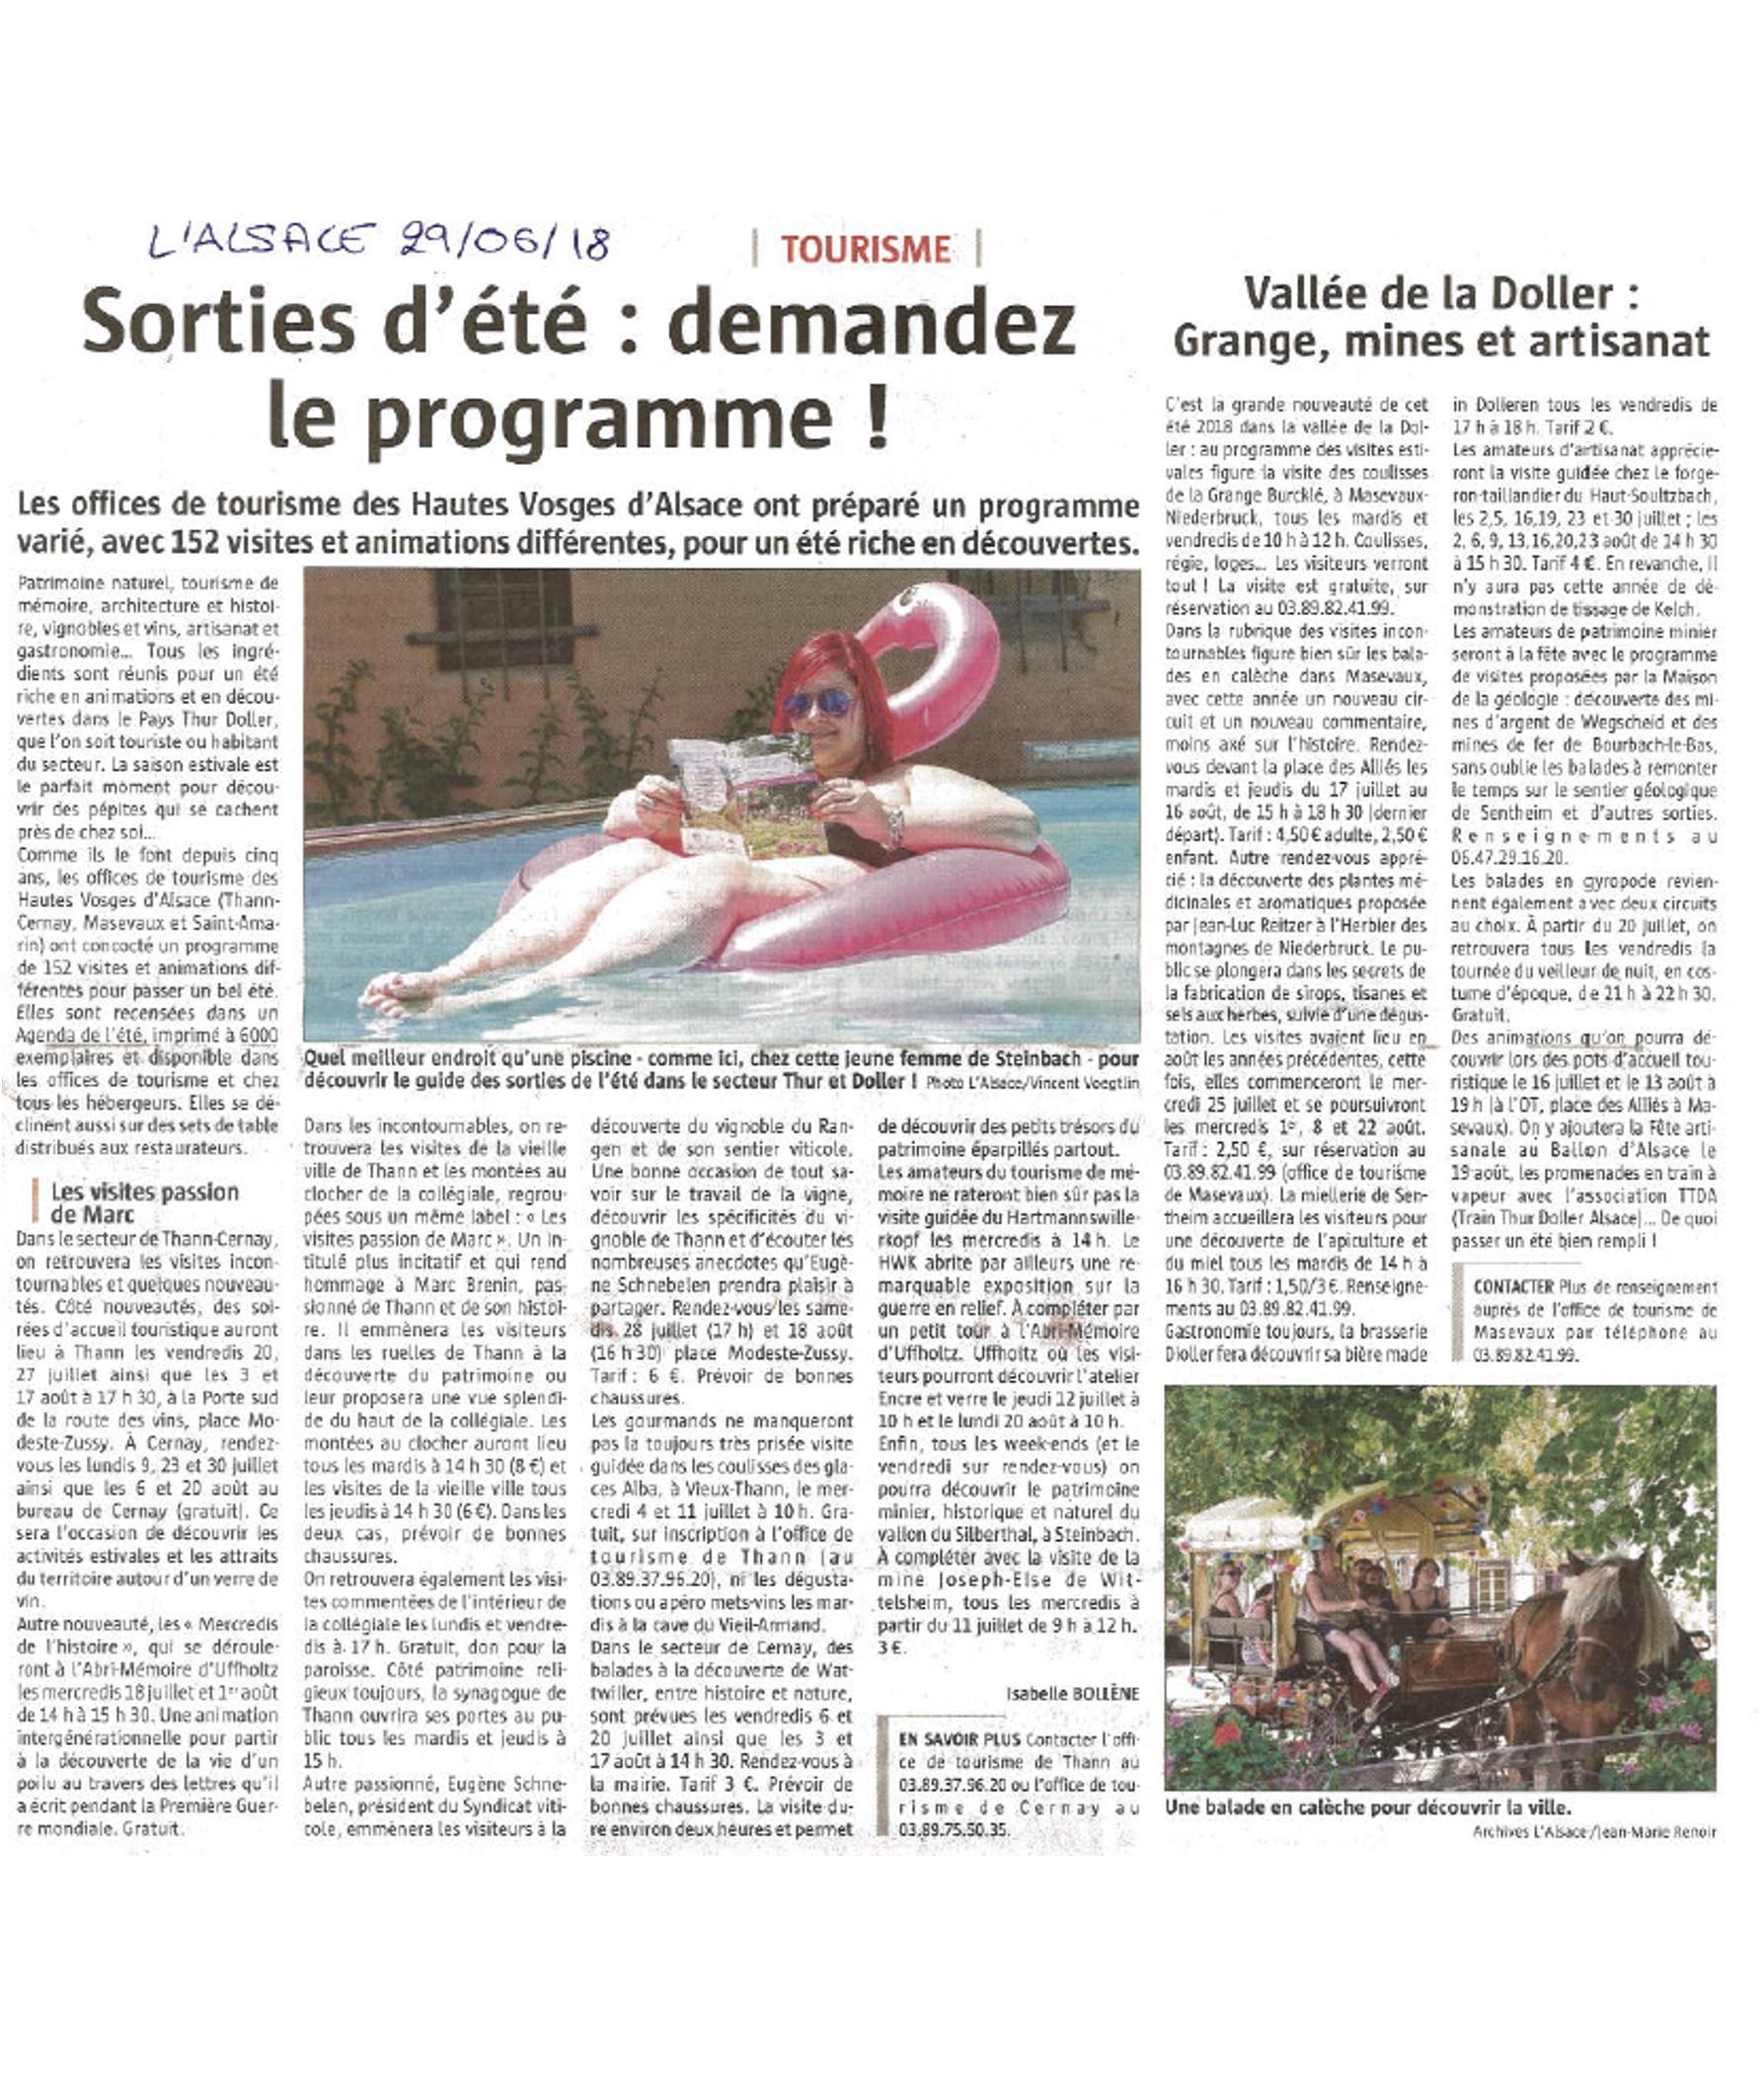 Sorties d'été - Demandez le programme - L'Alsace (29-06-2018)